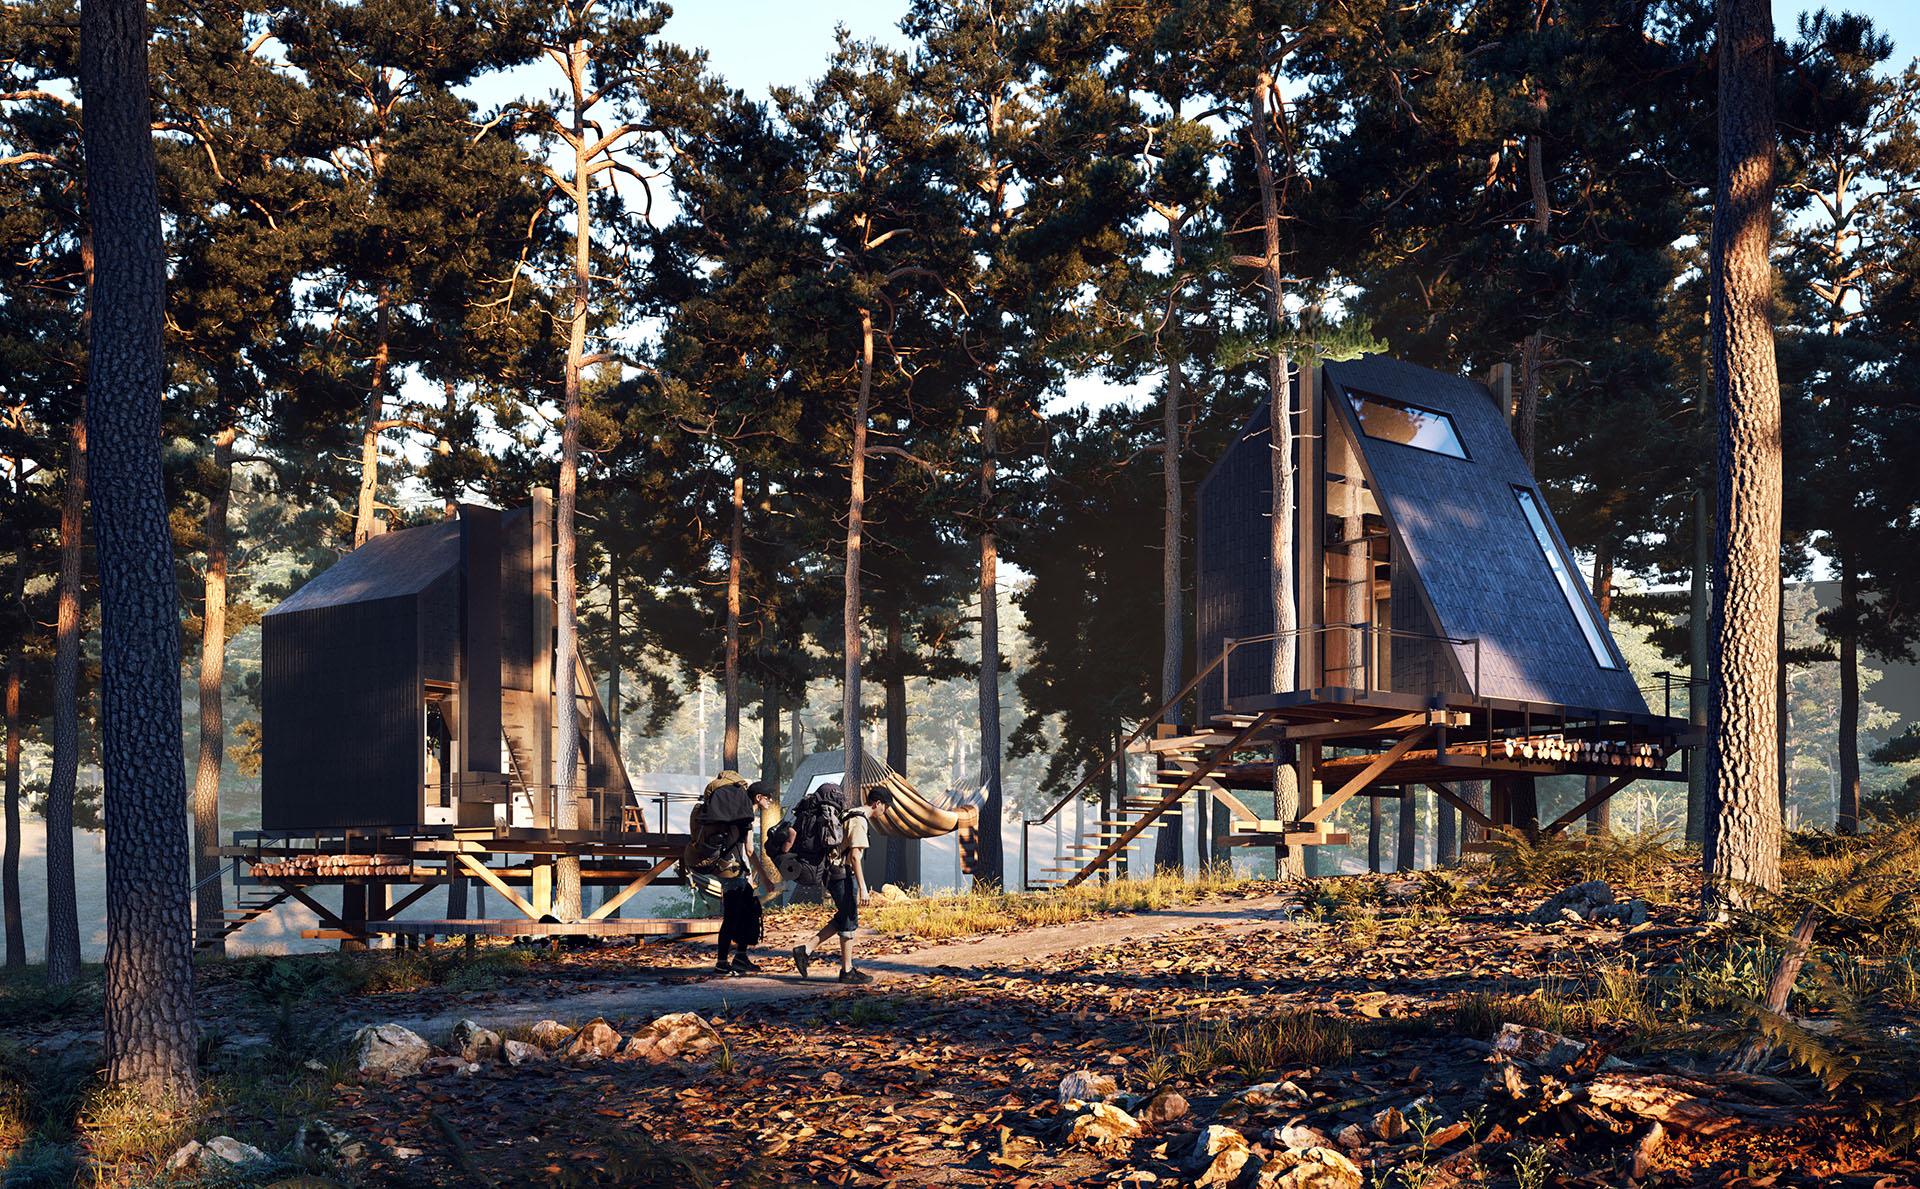 Arboreal Rehab Center